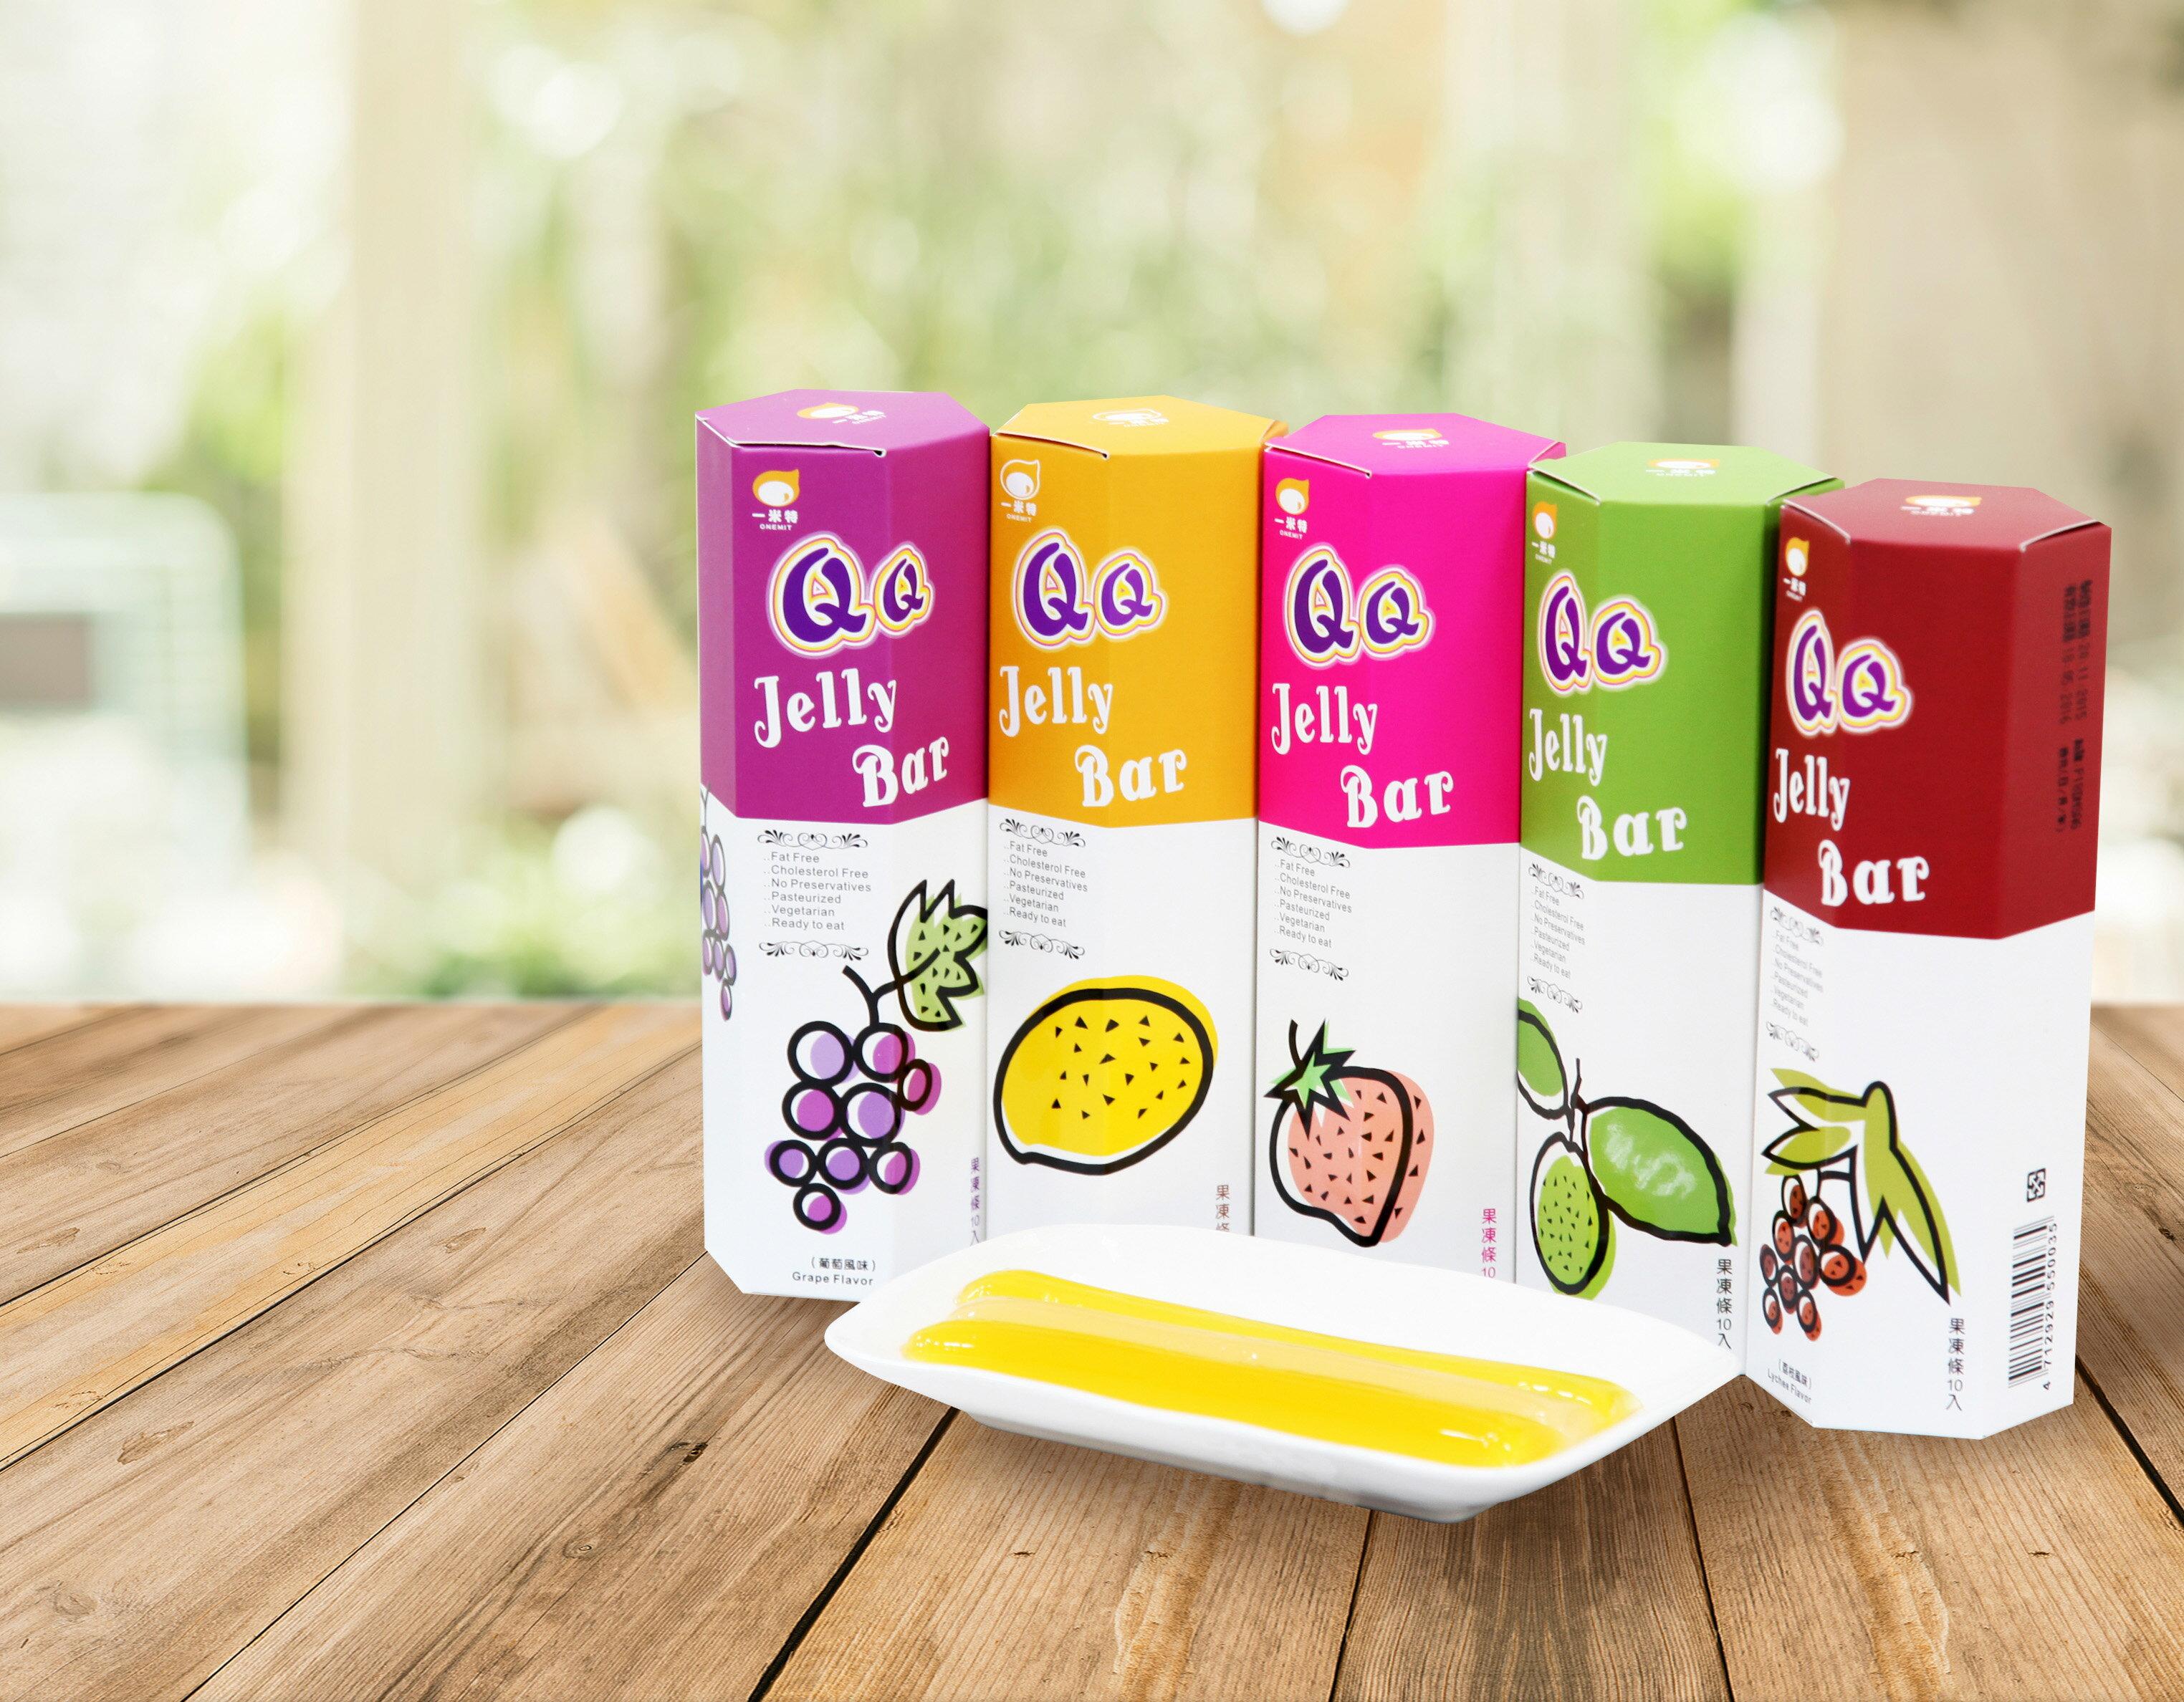 【一米特】QQ Jelly Bar接力棒-荔枝風味【果凍】★團購美食★